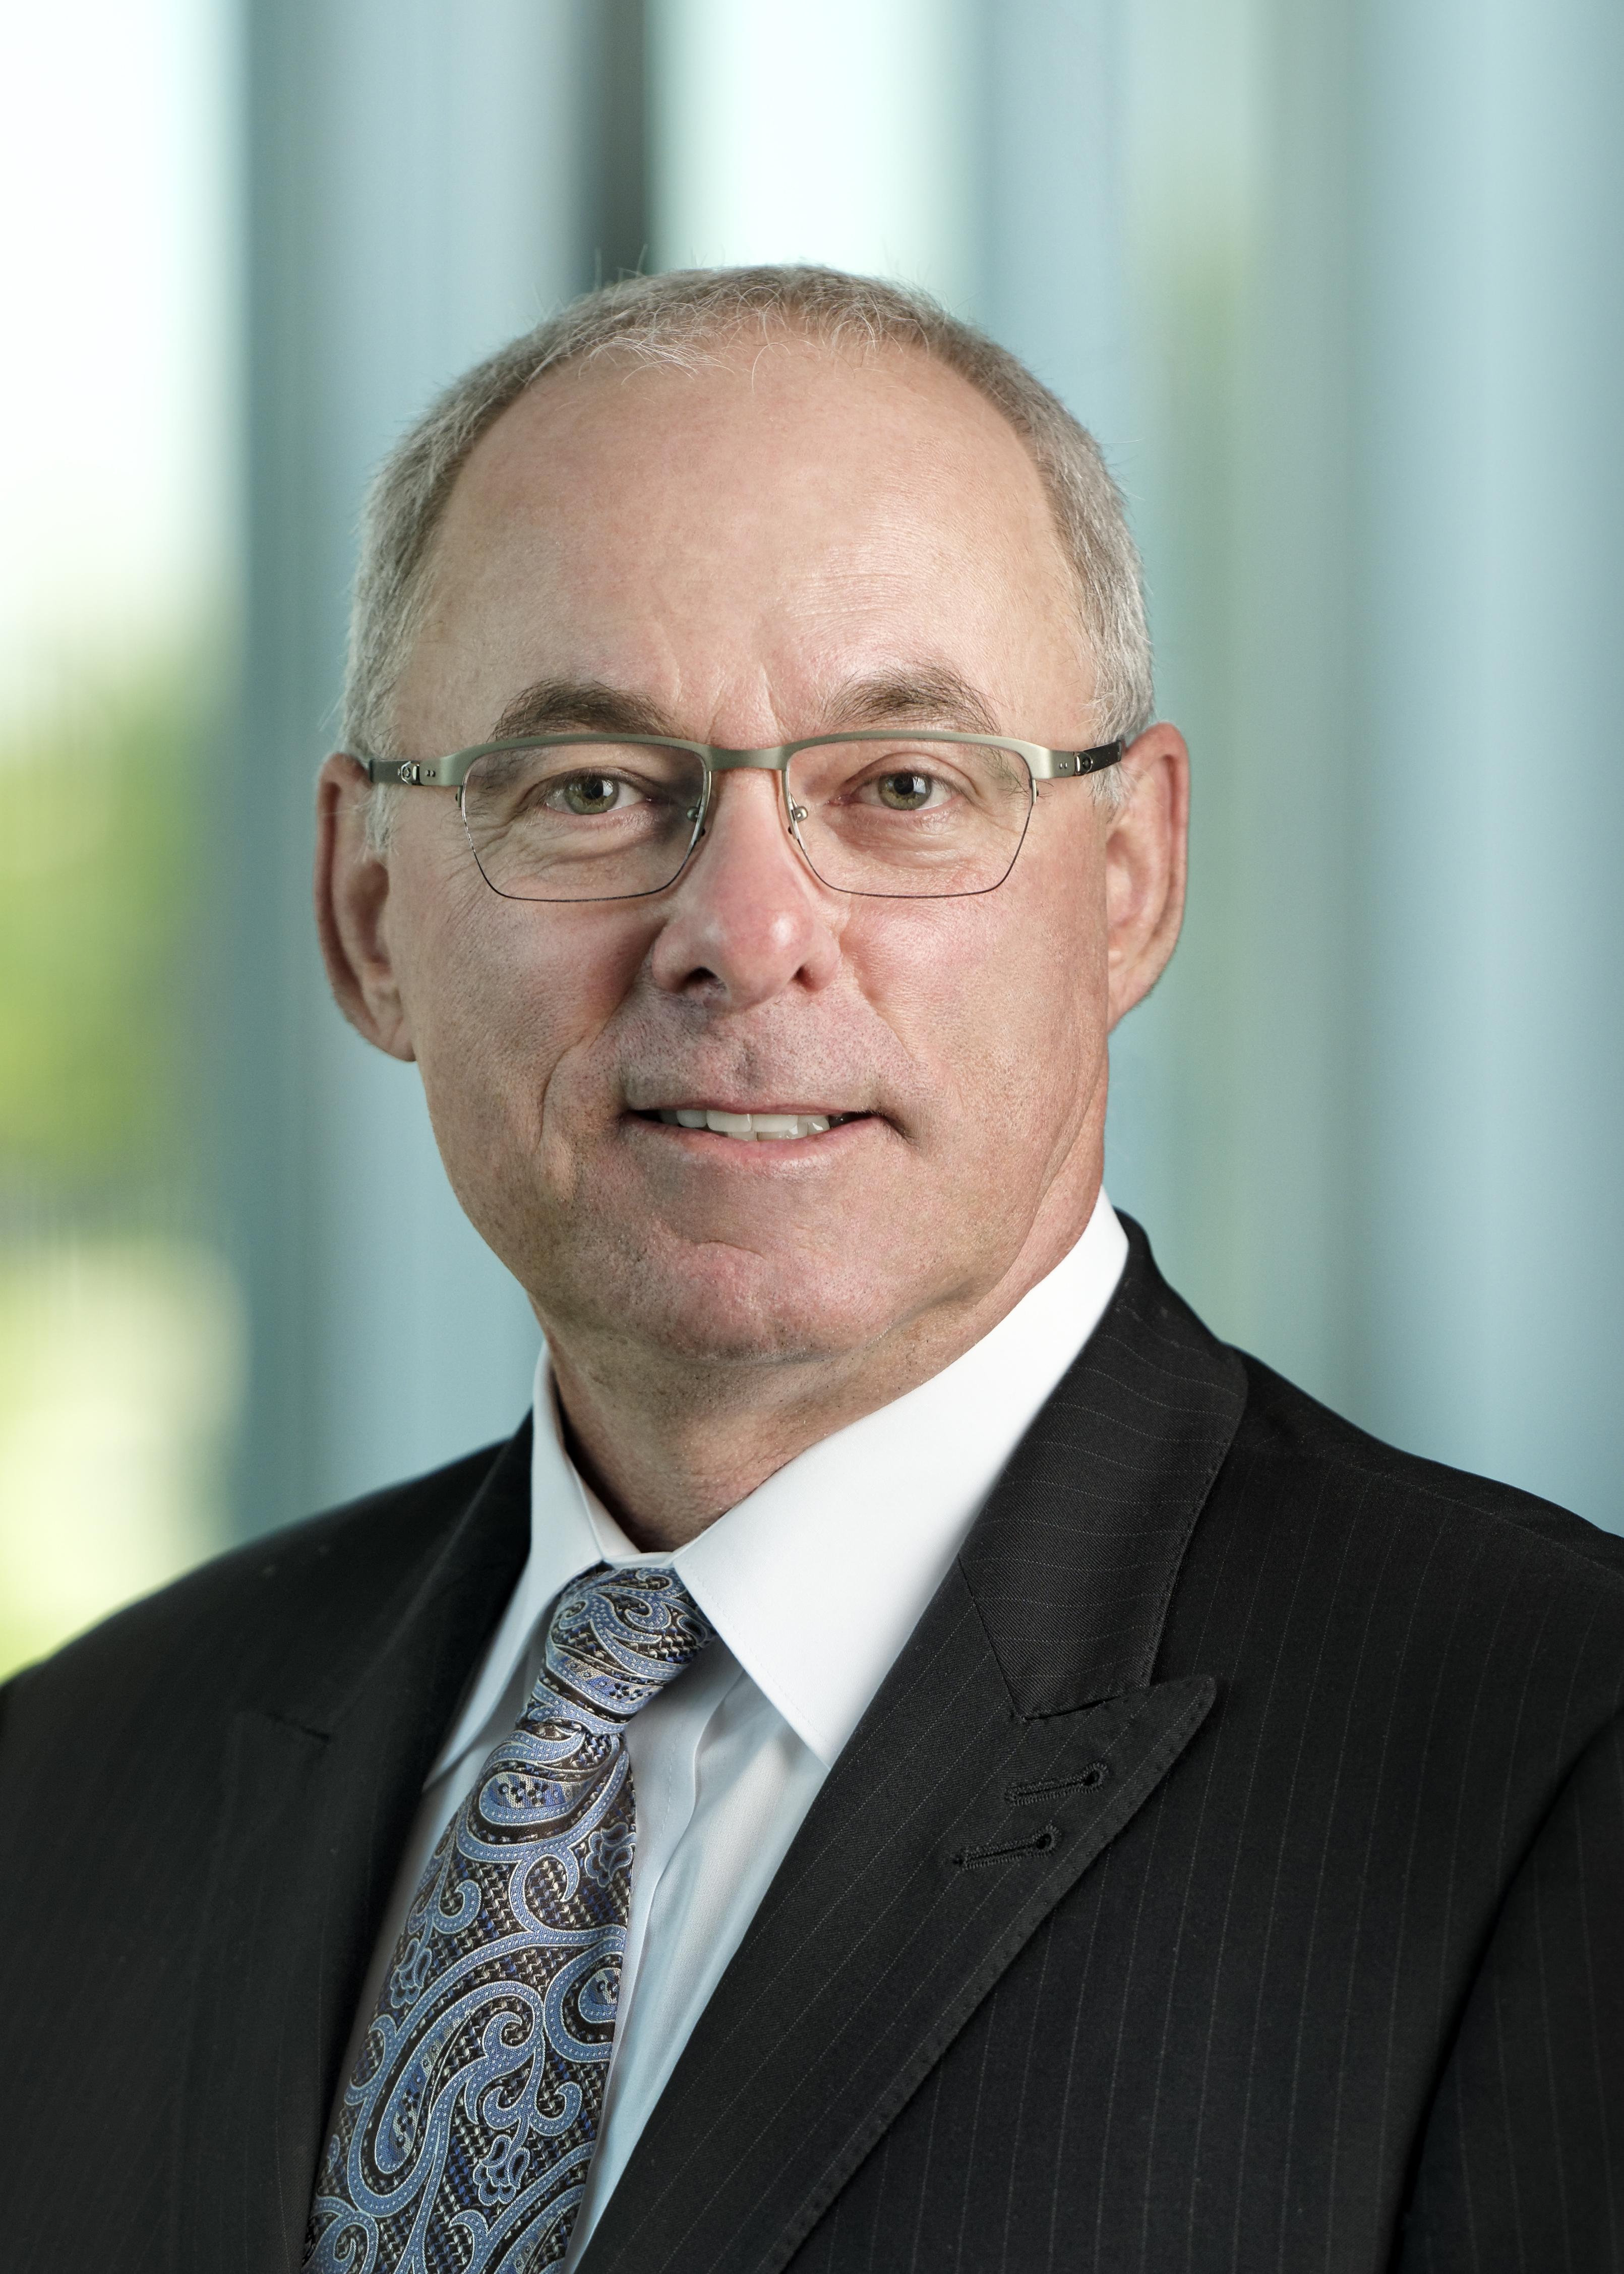 John Rhind